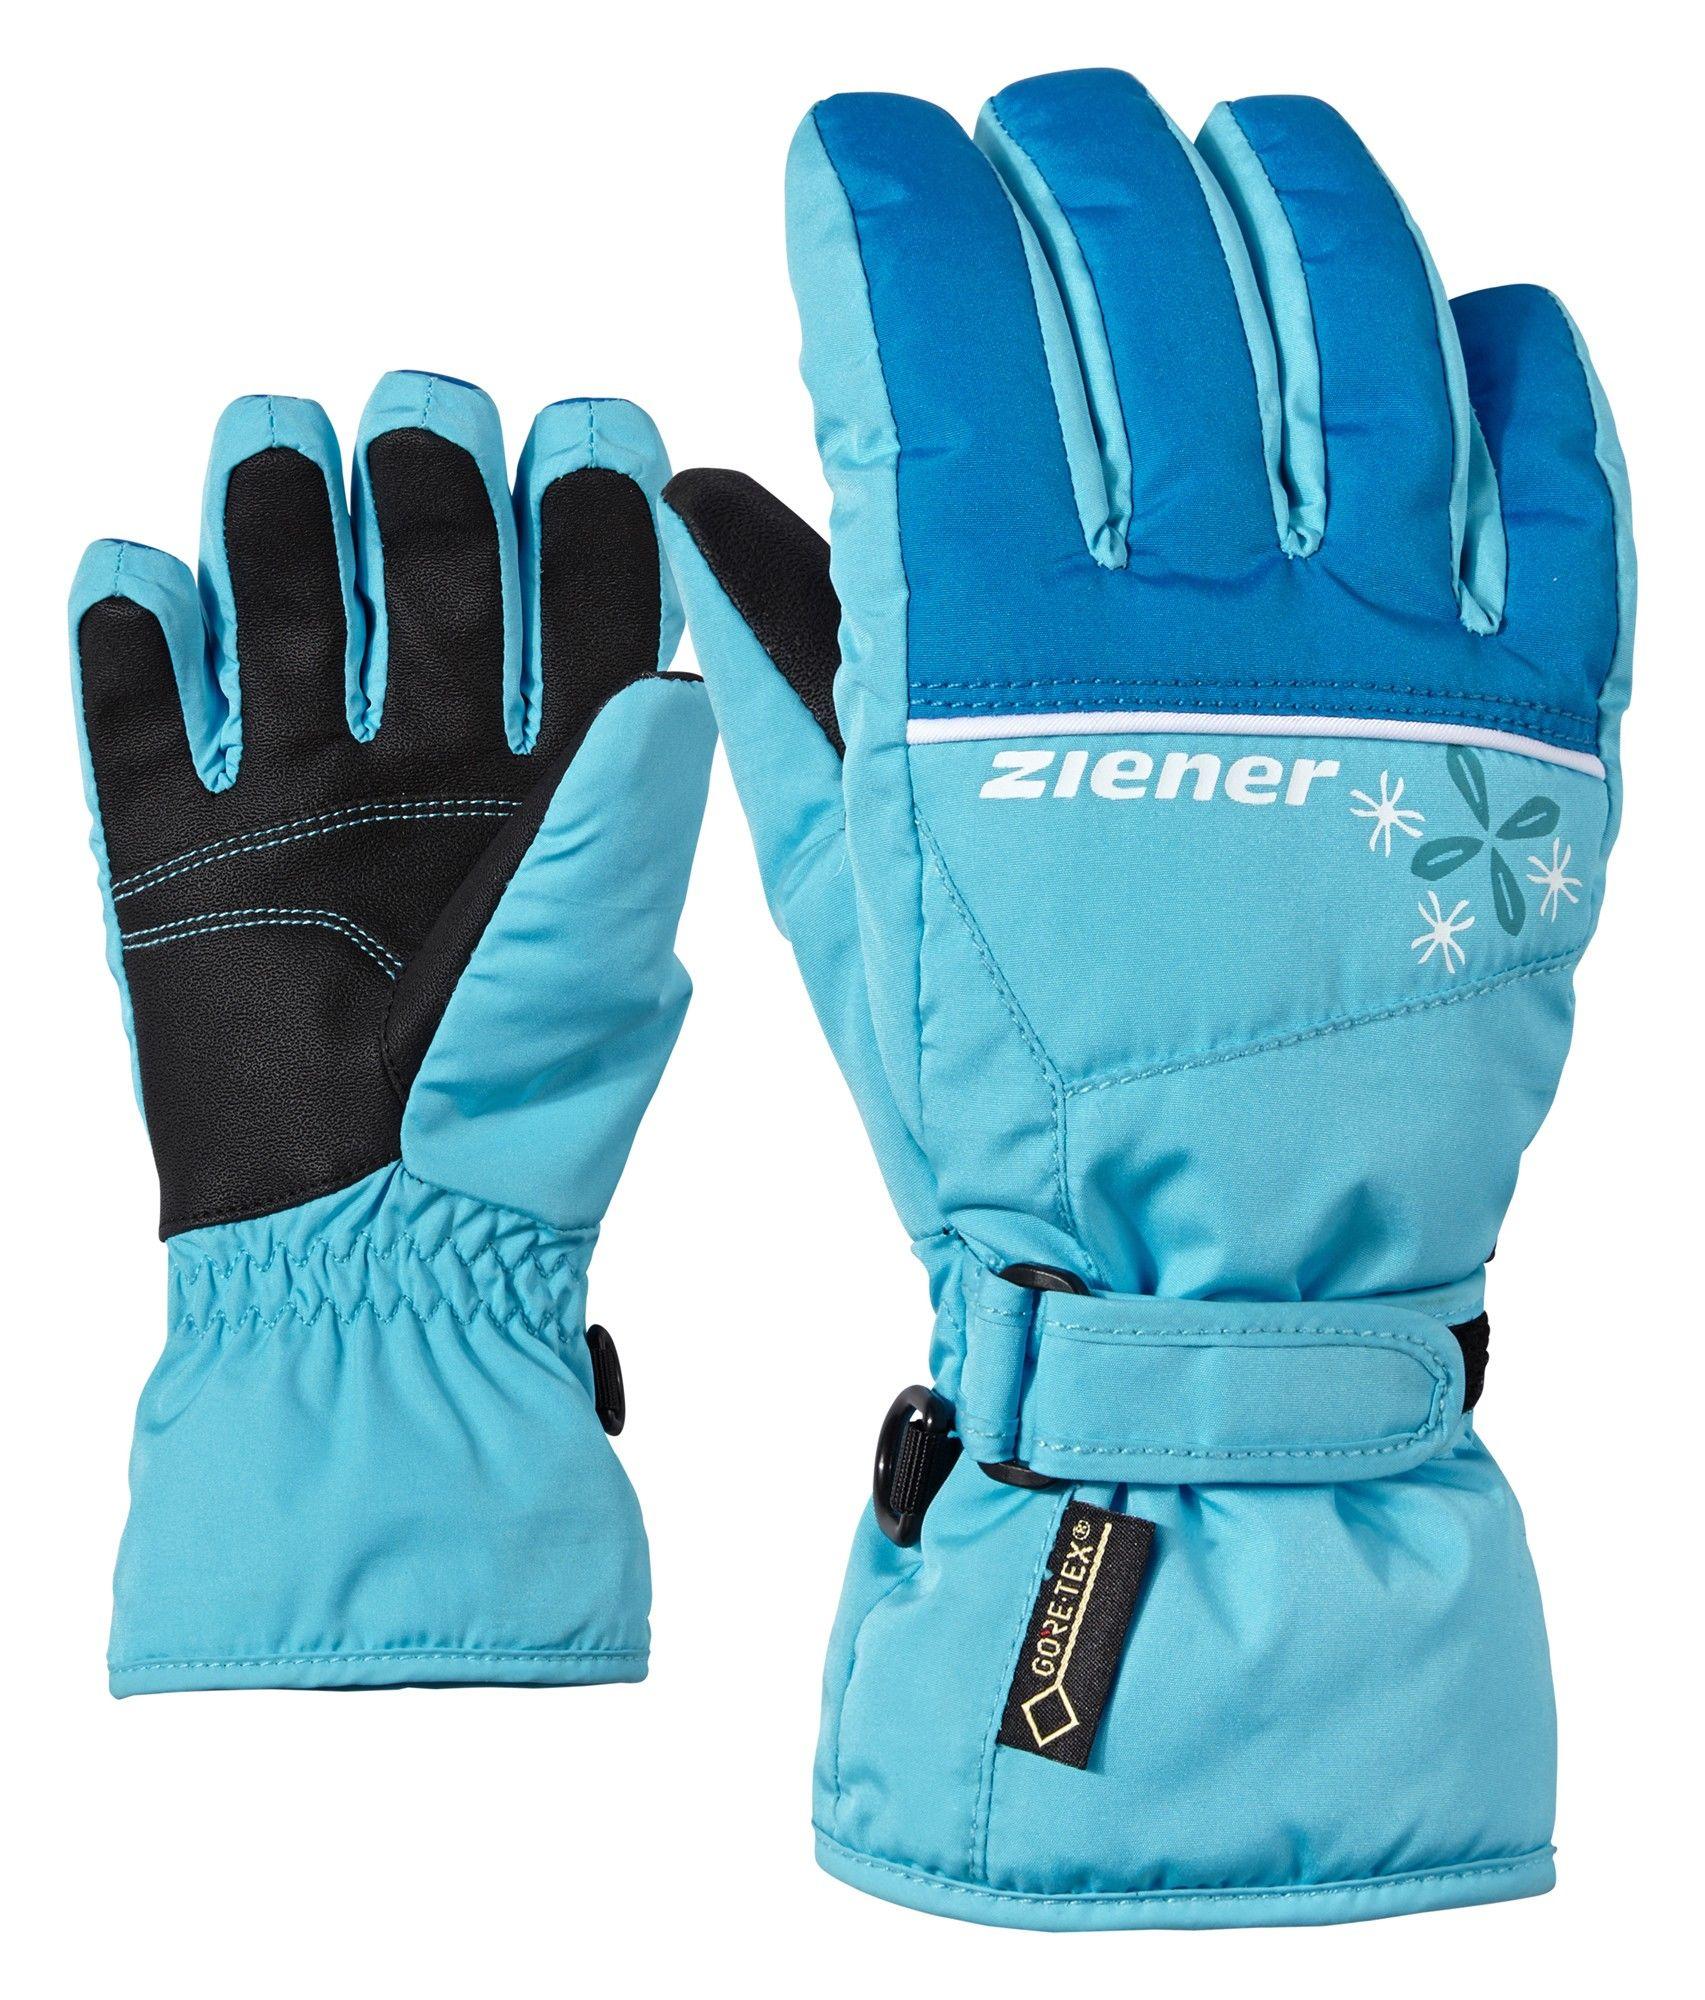 Ziener Junior Laber Gtx® Blau, Gore-Tex® Accessoires, 4